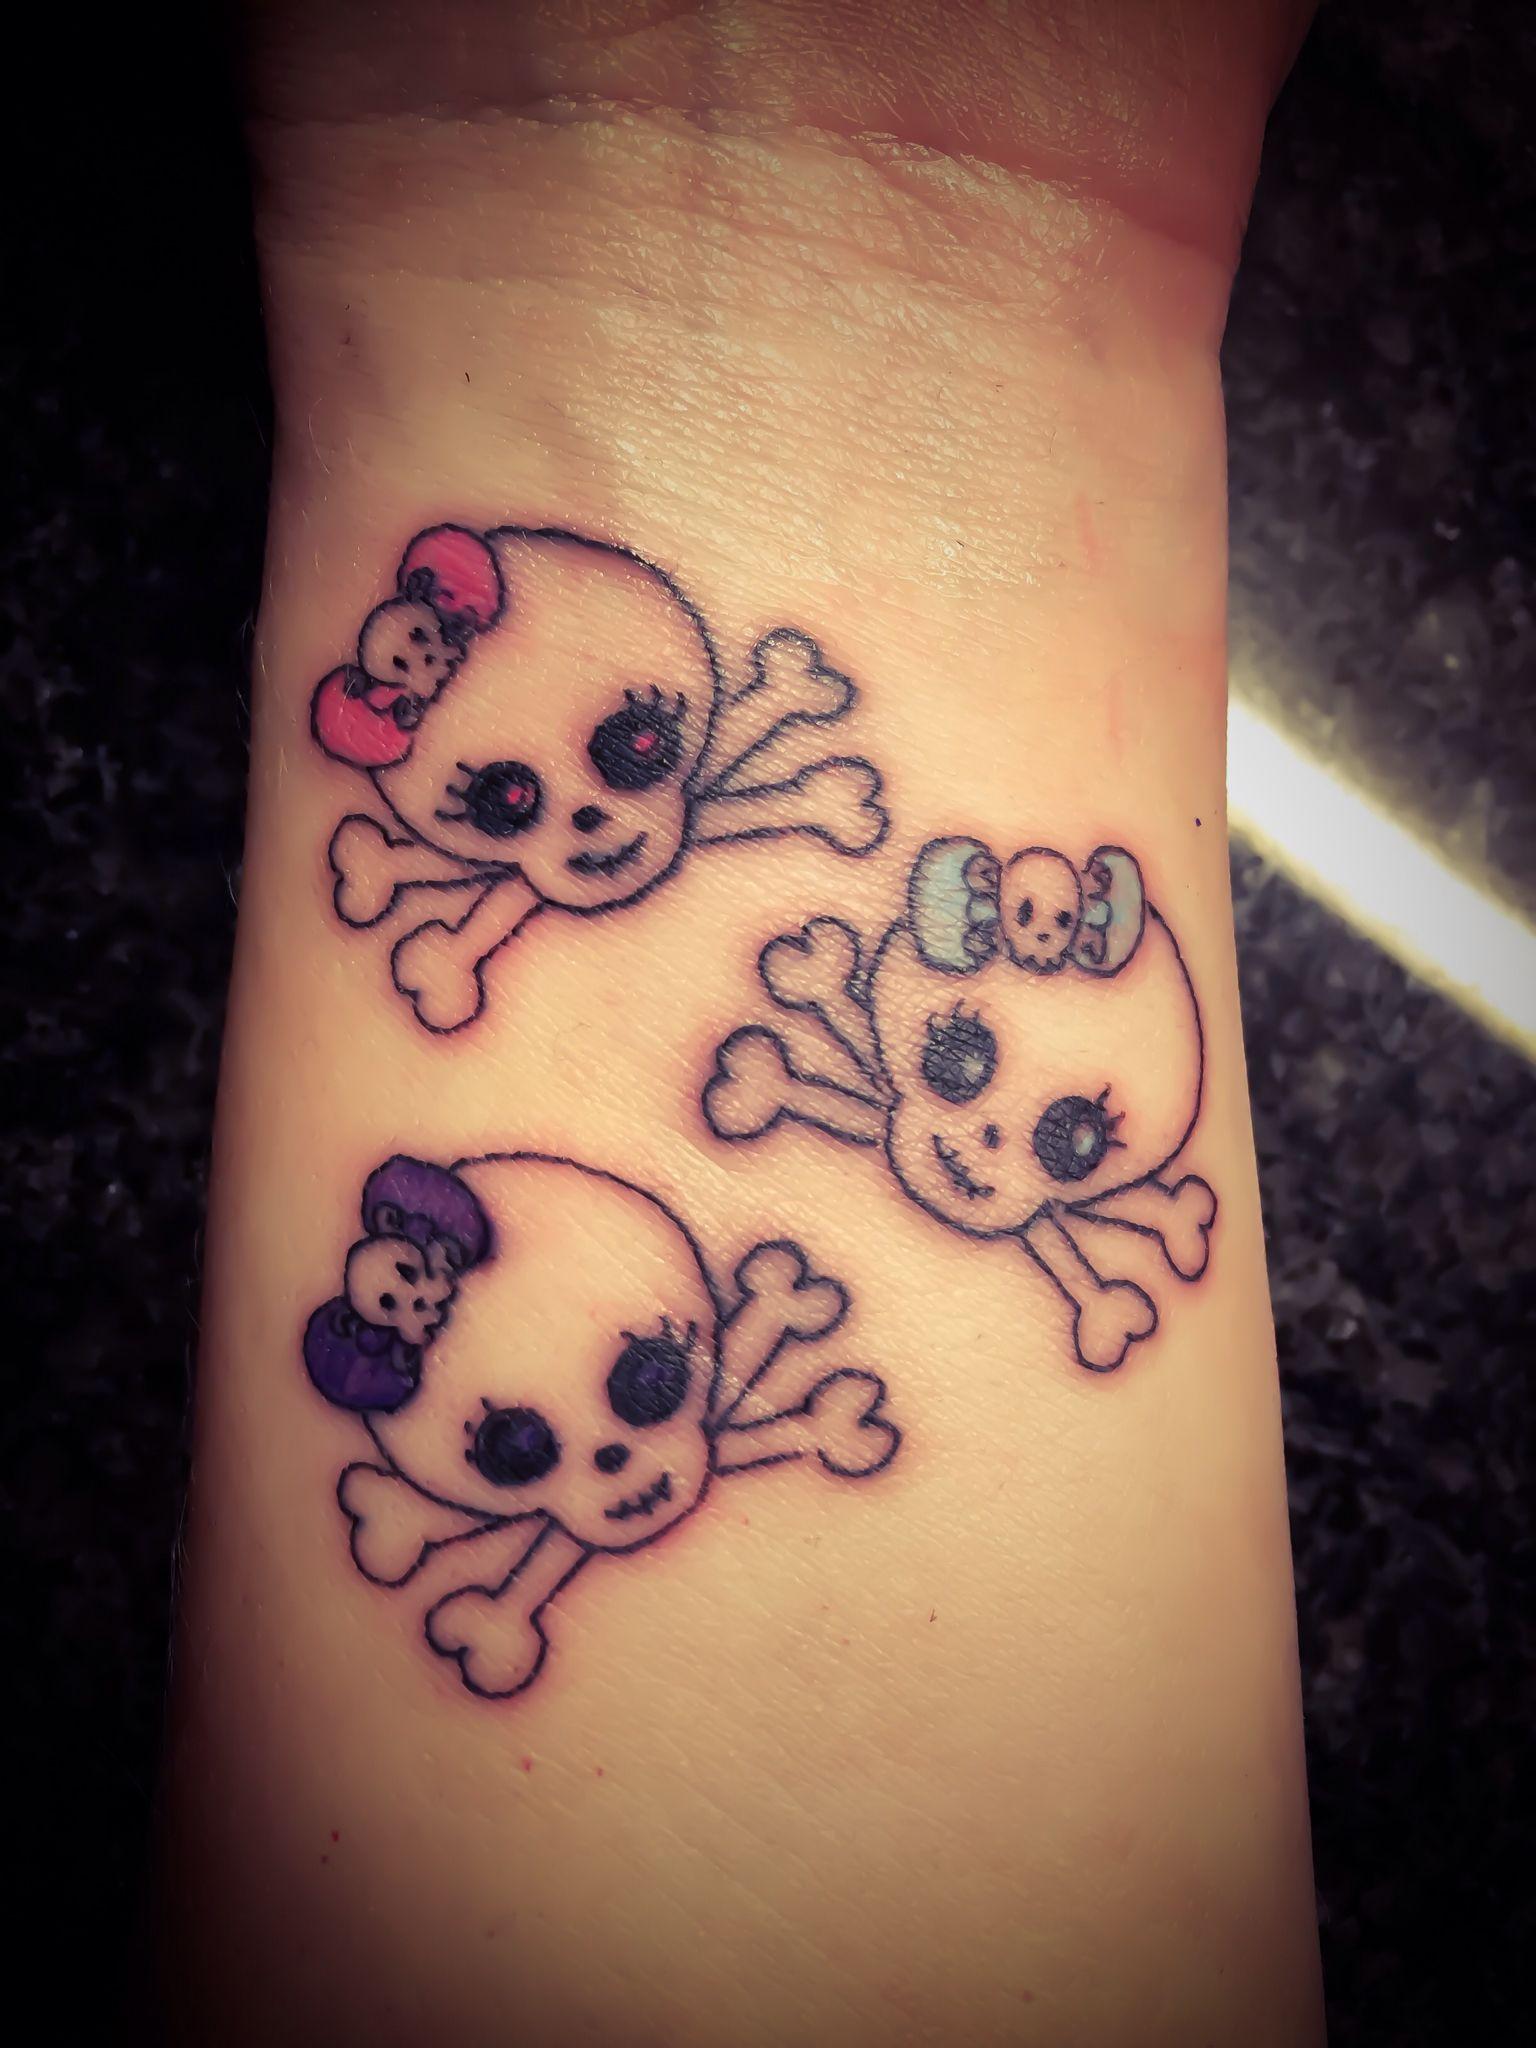 Wrist Skull Tattoo Tattoos Tattoos And Piercings Skull Tattoo